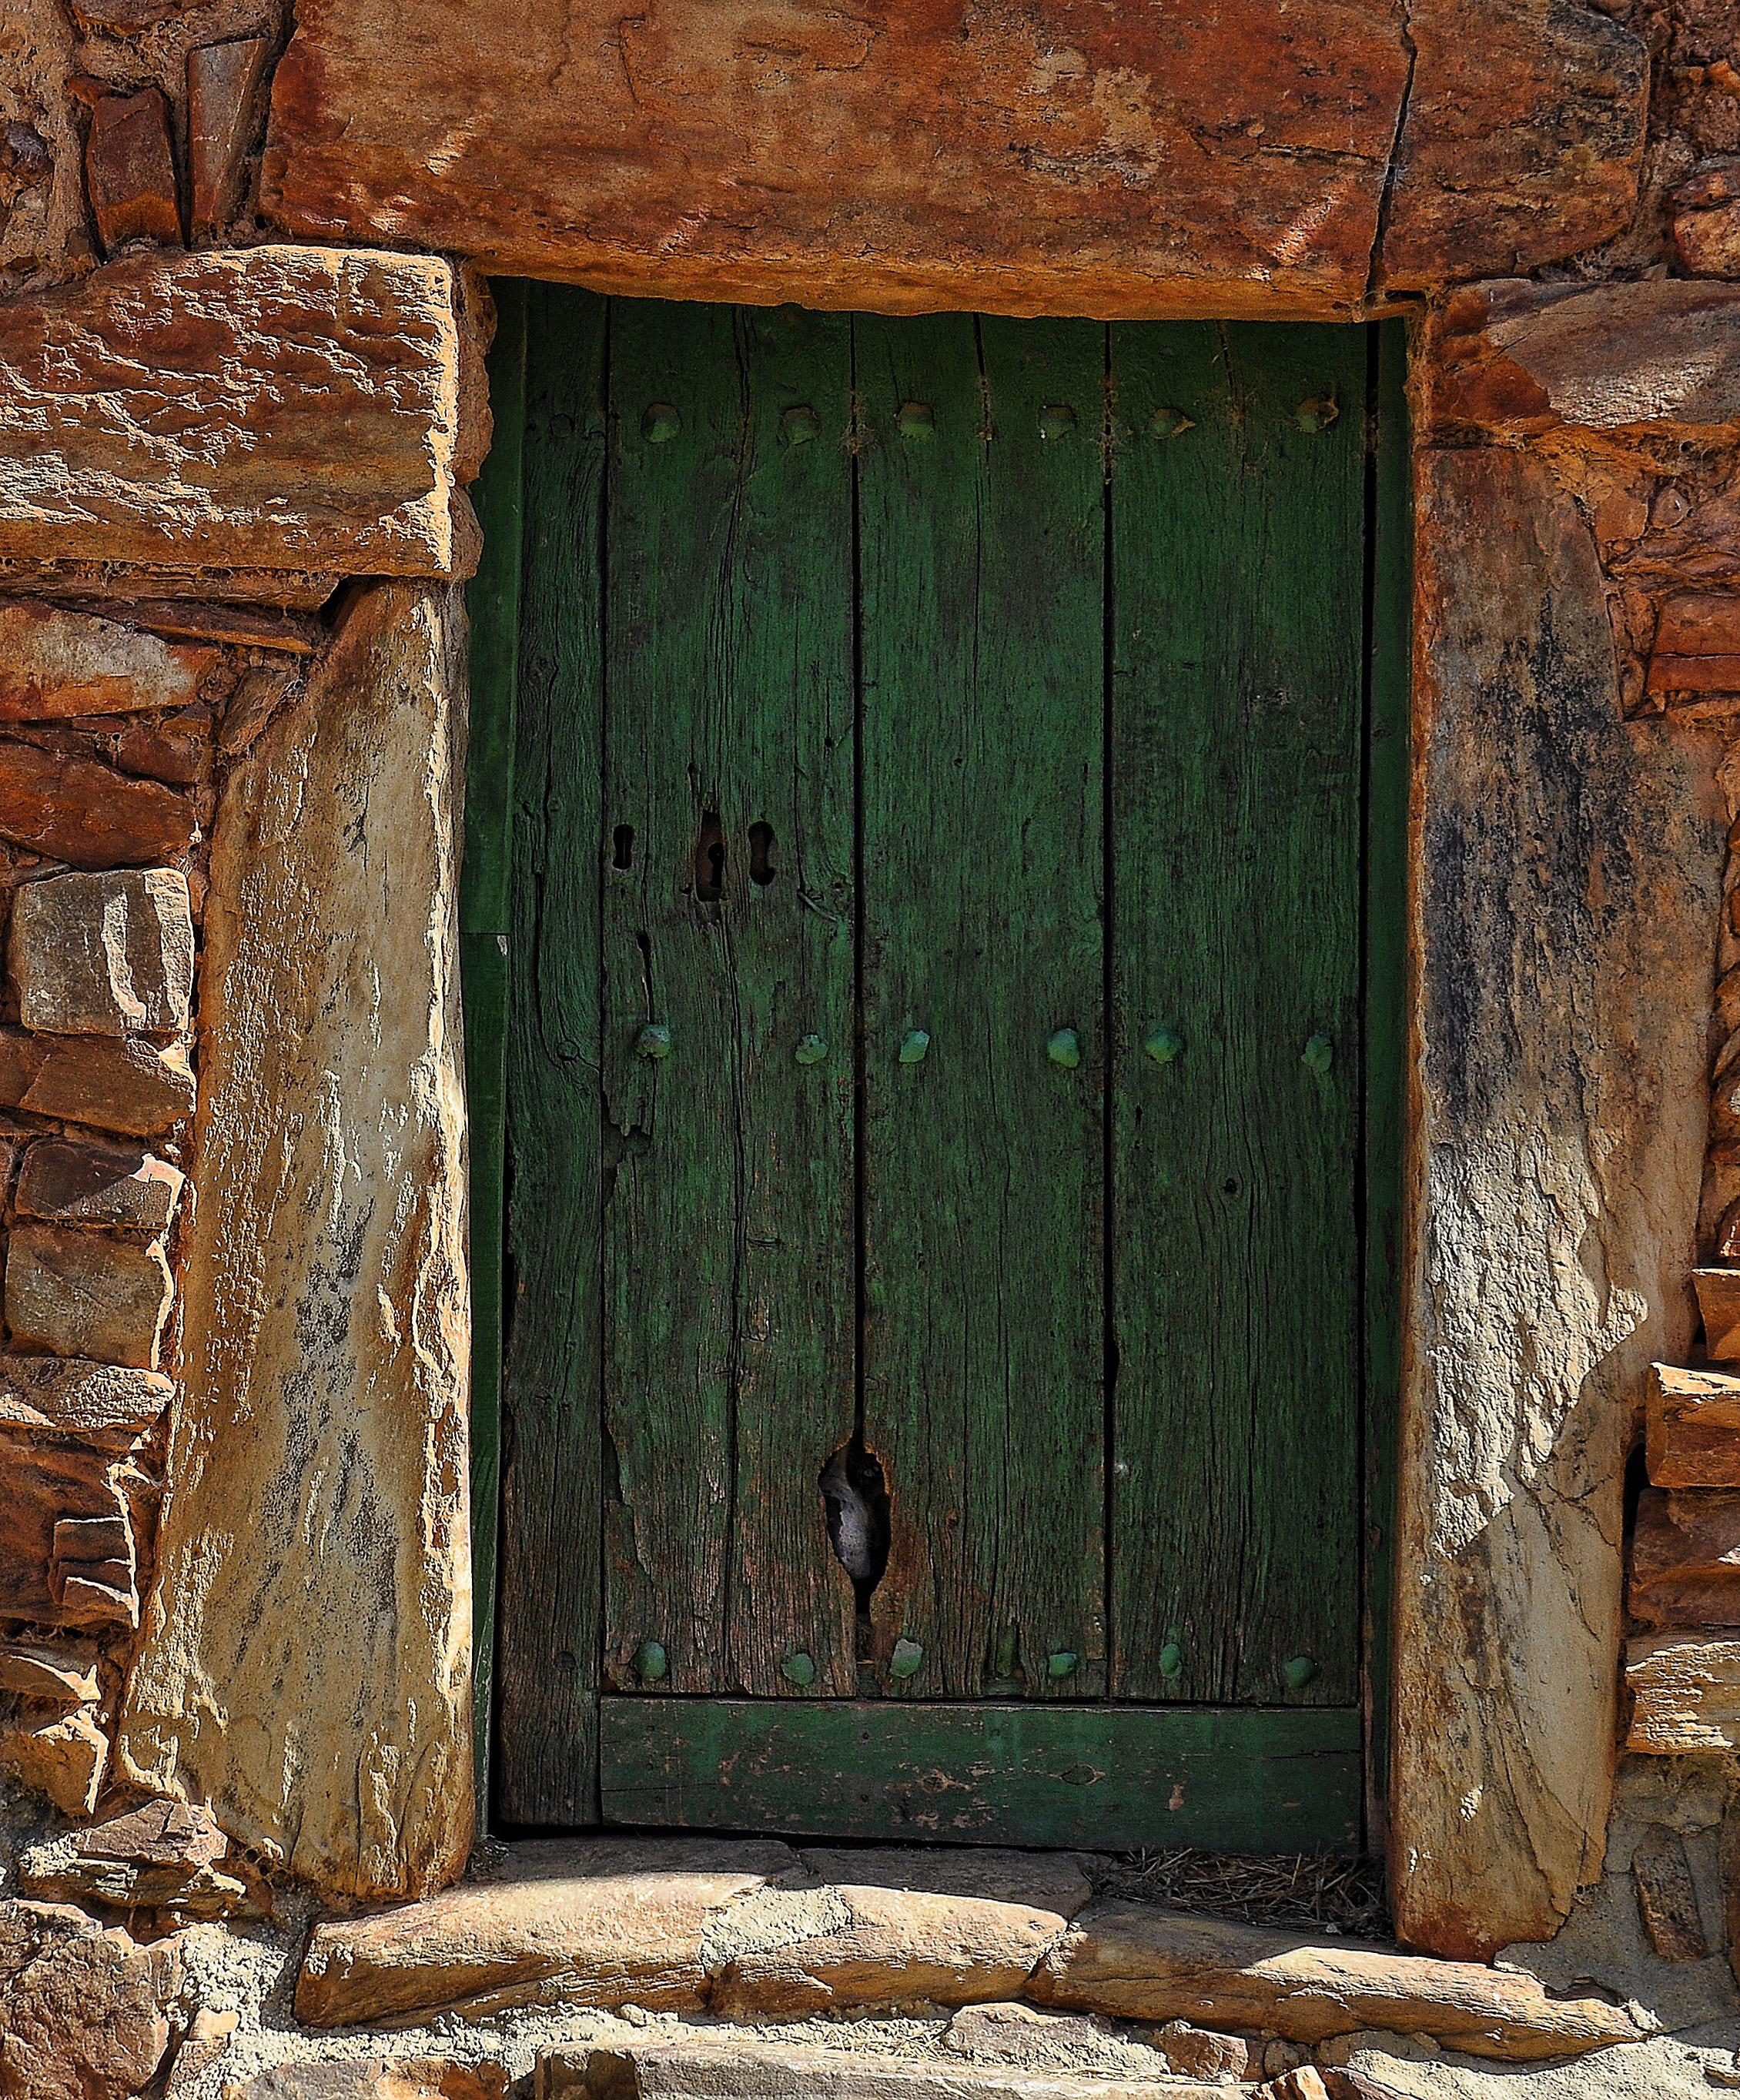 древние двери картинки начала следует сказать